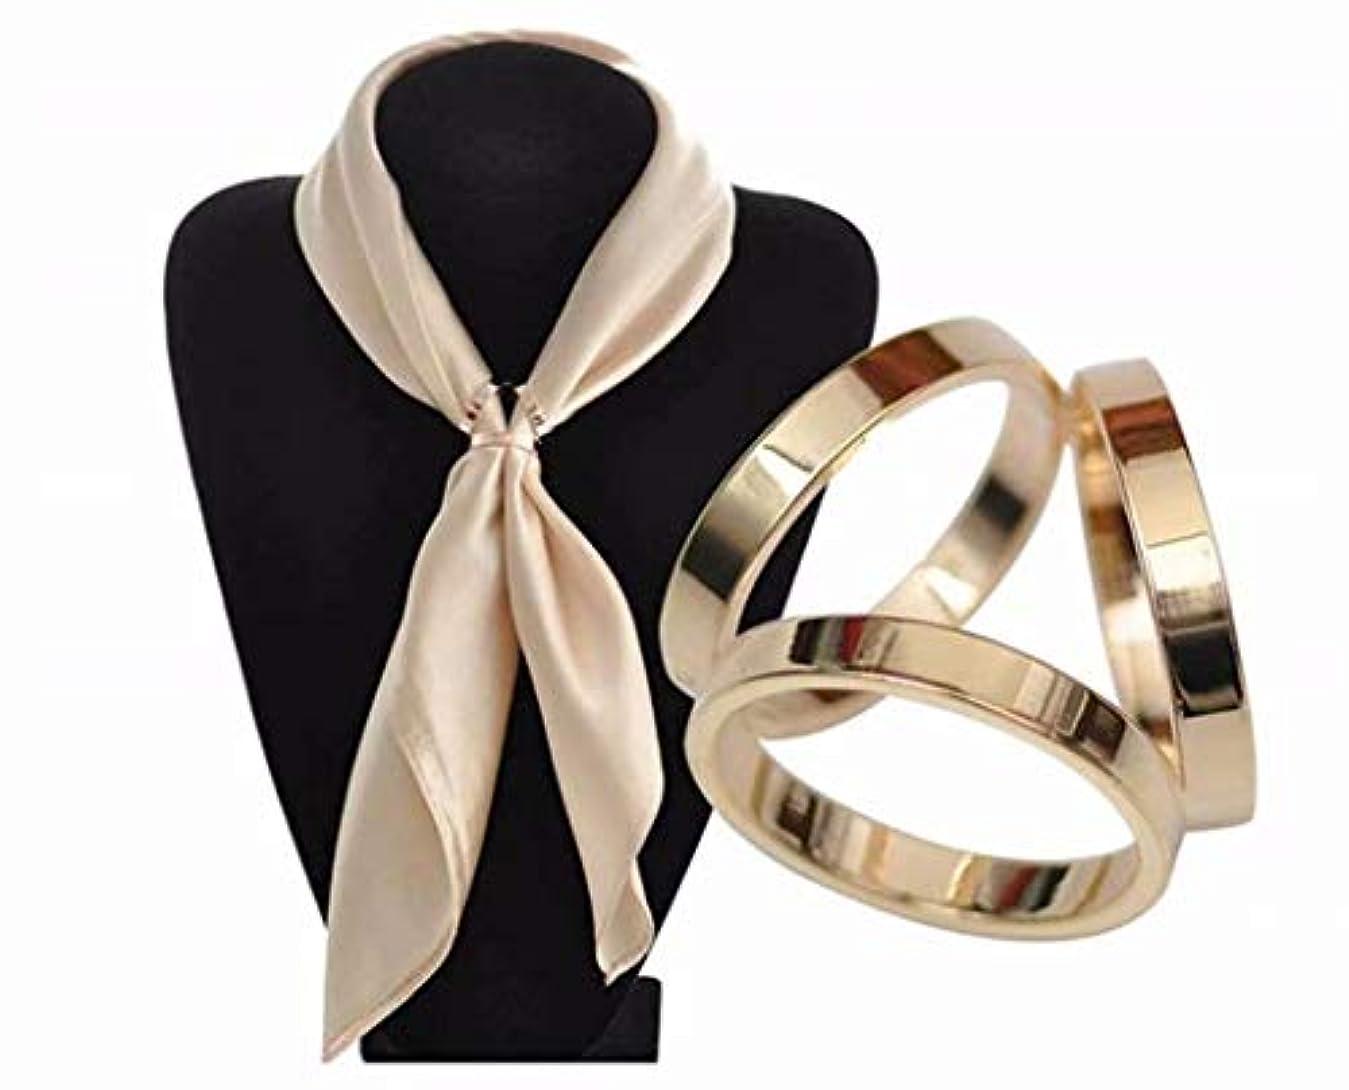 同じウィスキーうまくやる()七里の香 レディース スカーフリング 絹のスカーフ バックル クリップ